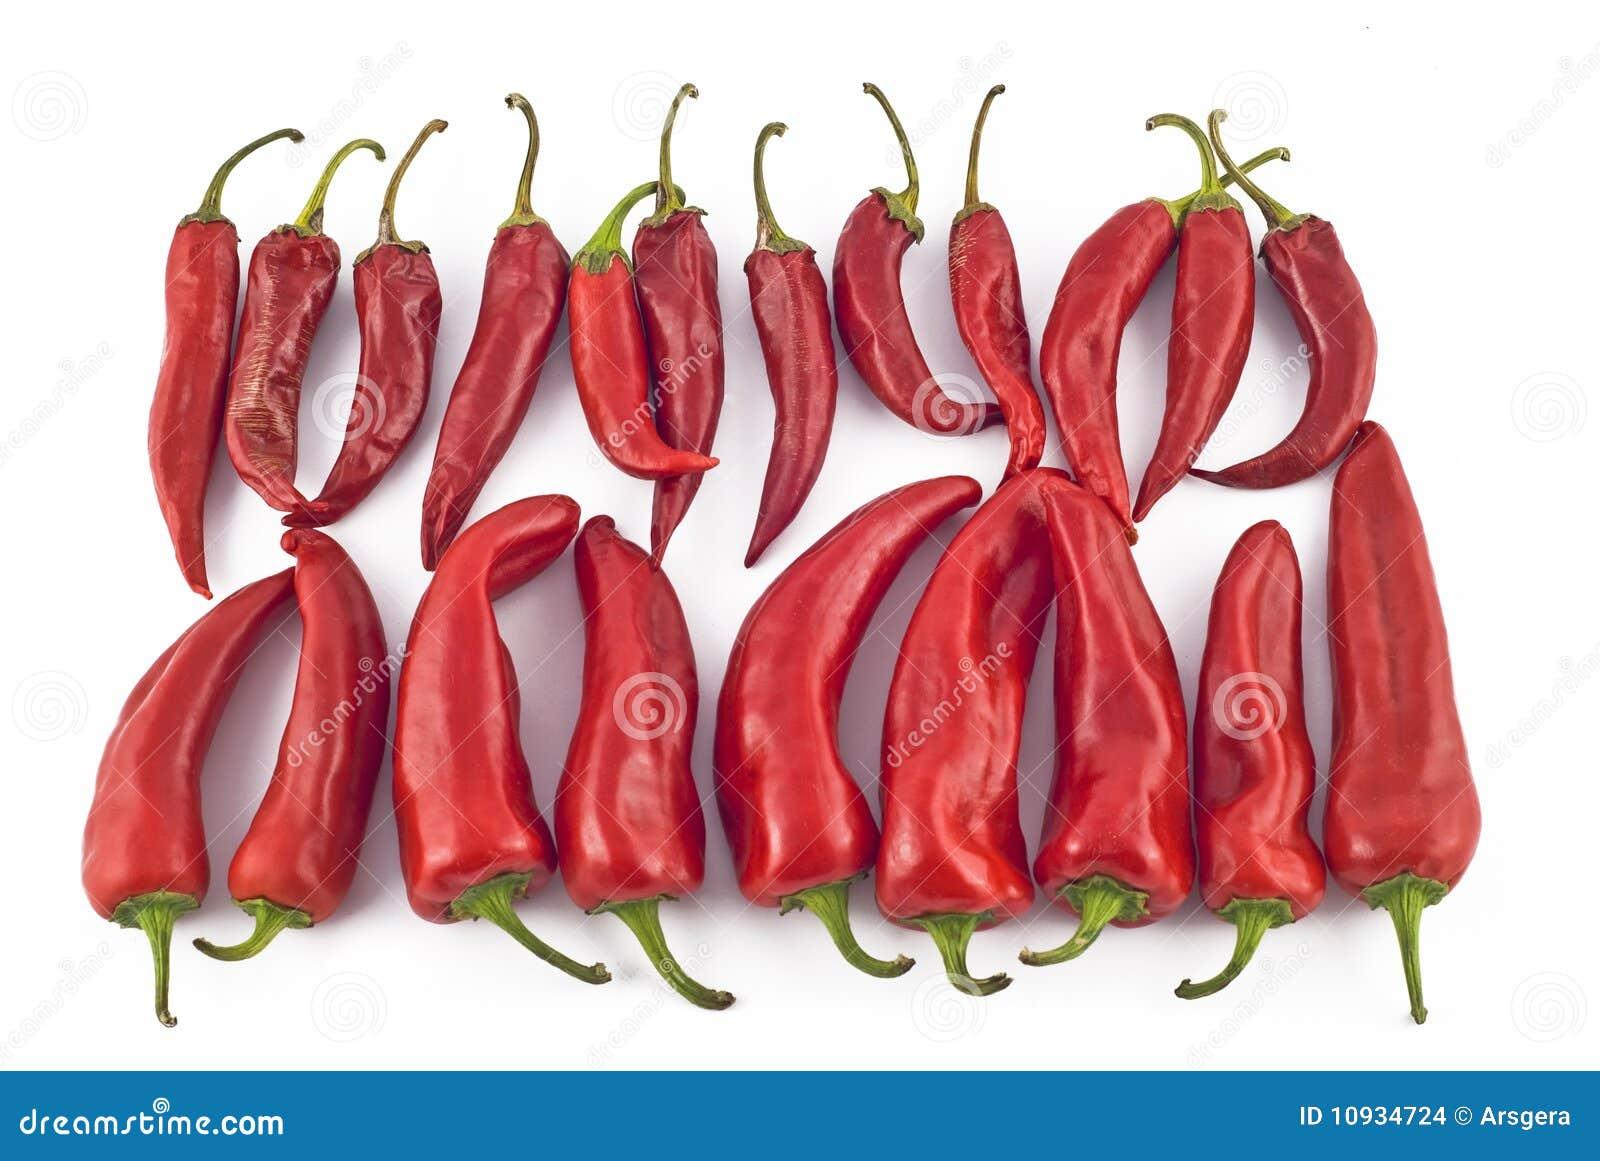 горячий красный цвет паприки